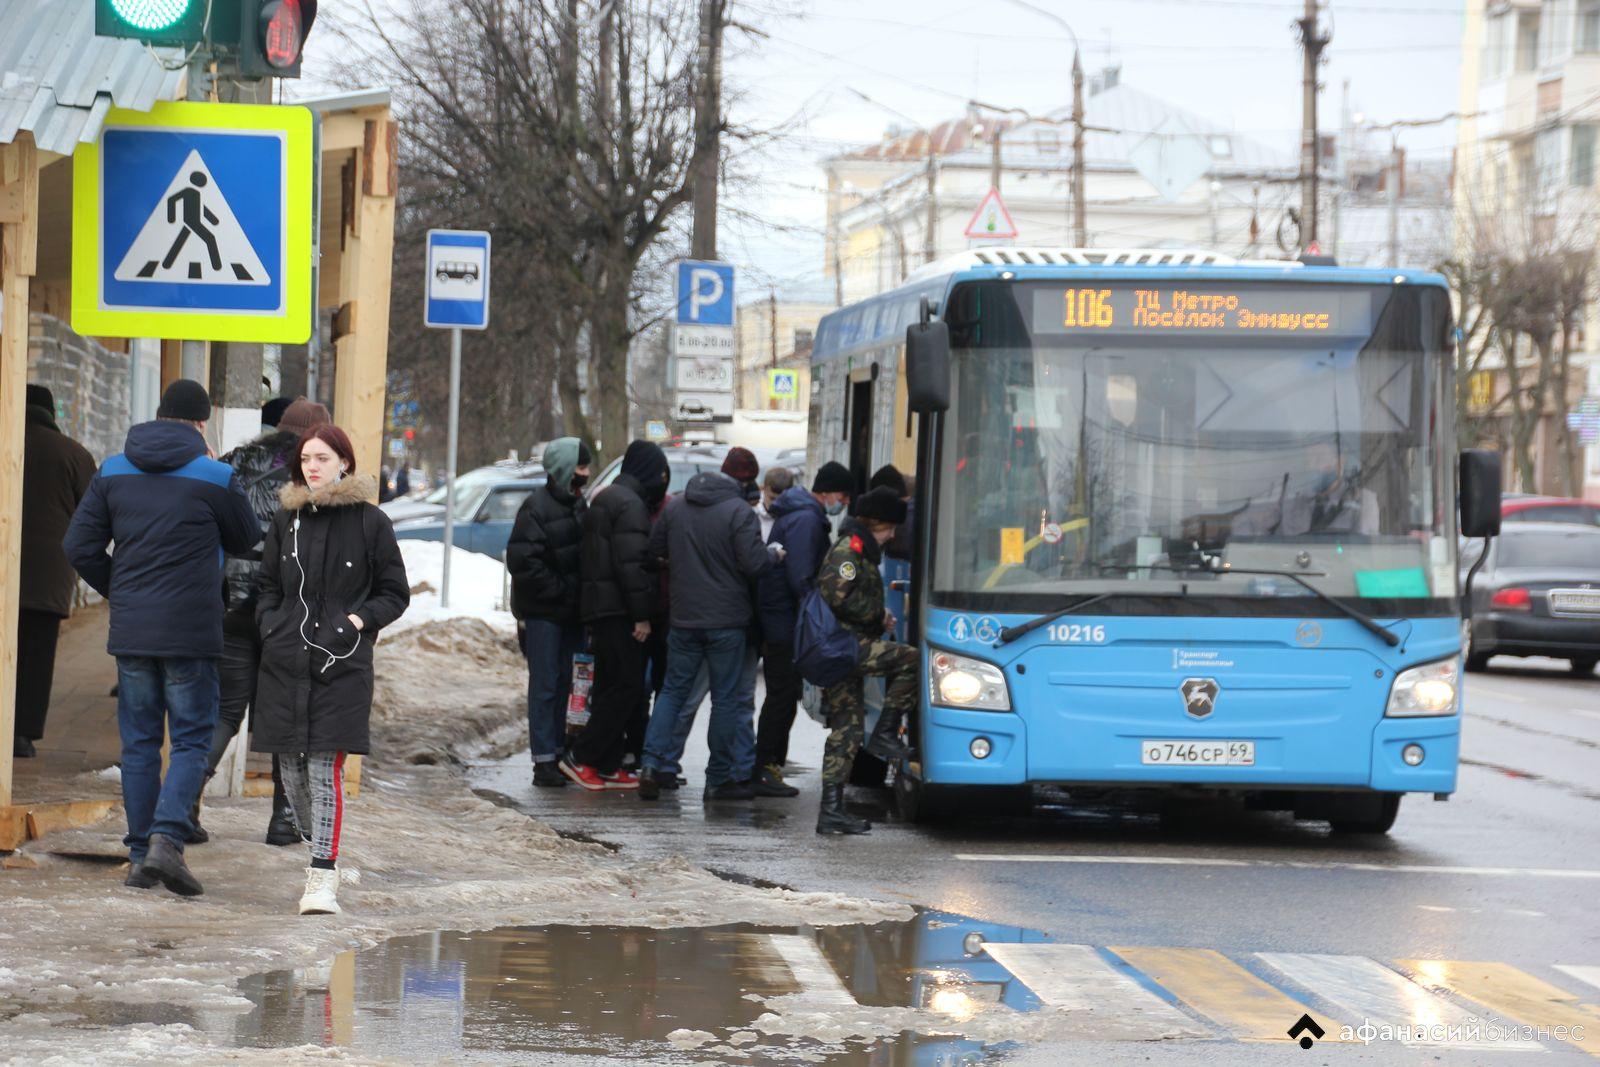 Финал истории: родители «запертой» в автобусе в Твери девушки извинились перед водителем - новости Афанасий